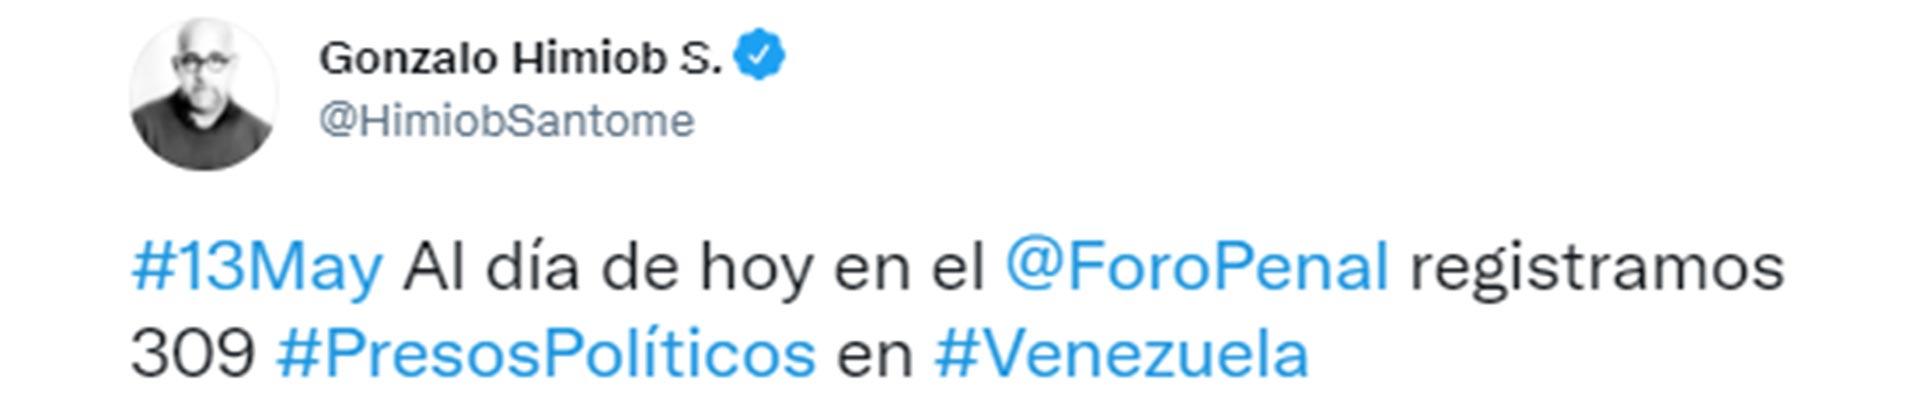 El tuit de Gonzalo Himiob